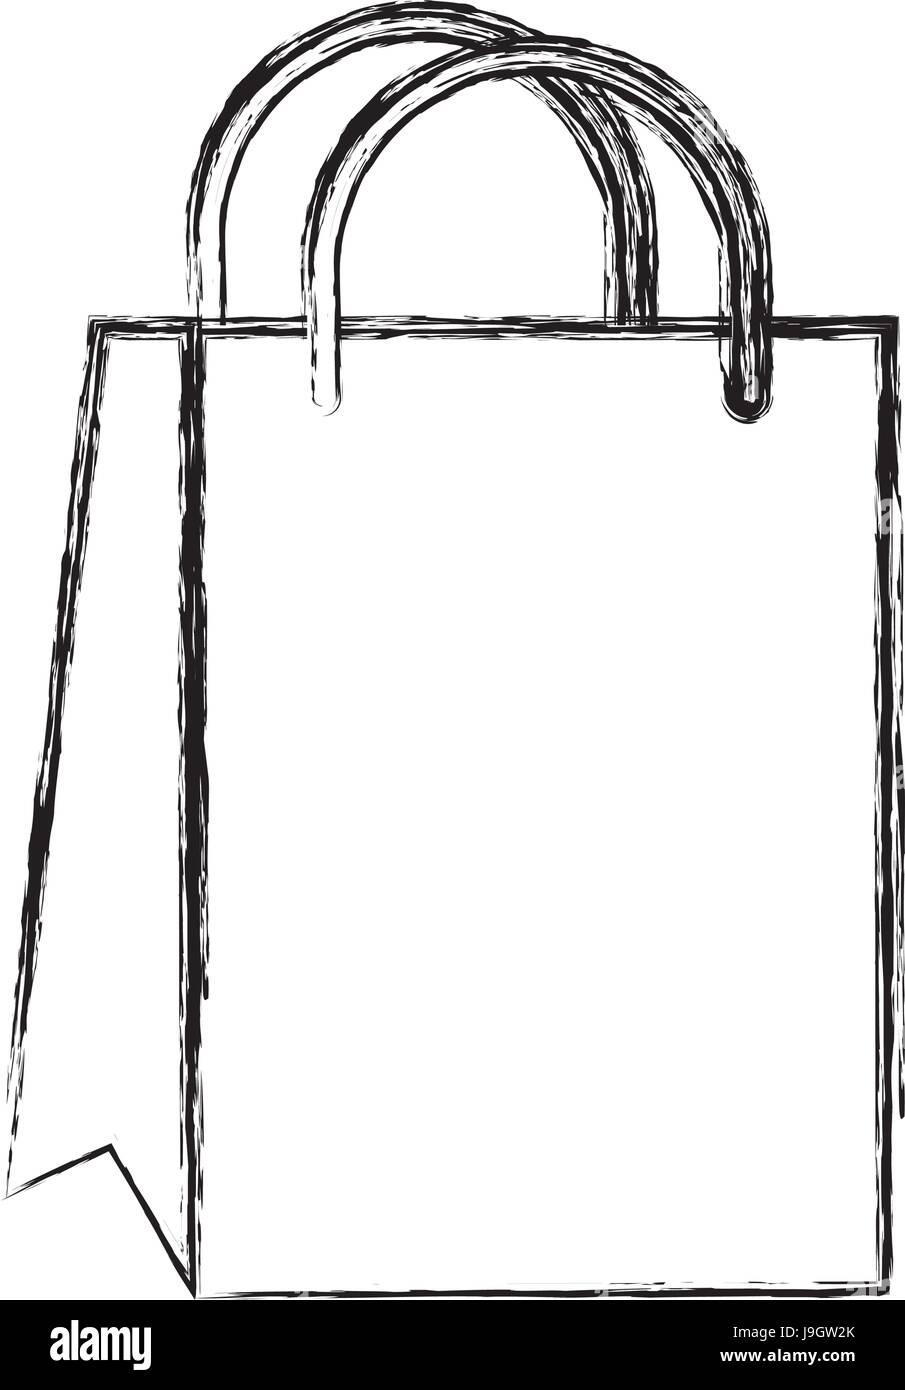 Sketch Draw Gift Bag Cartoon Stock Vector Art Illustration Vector